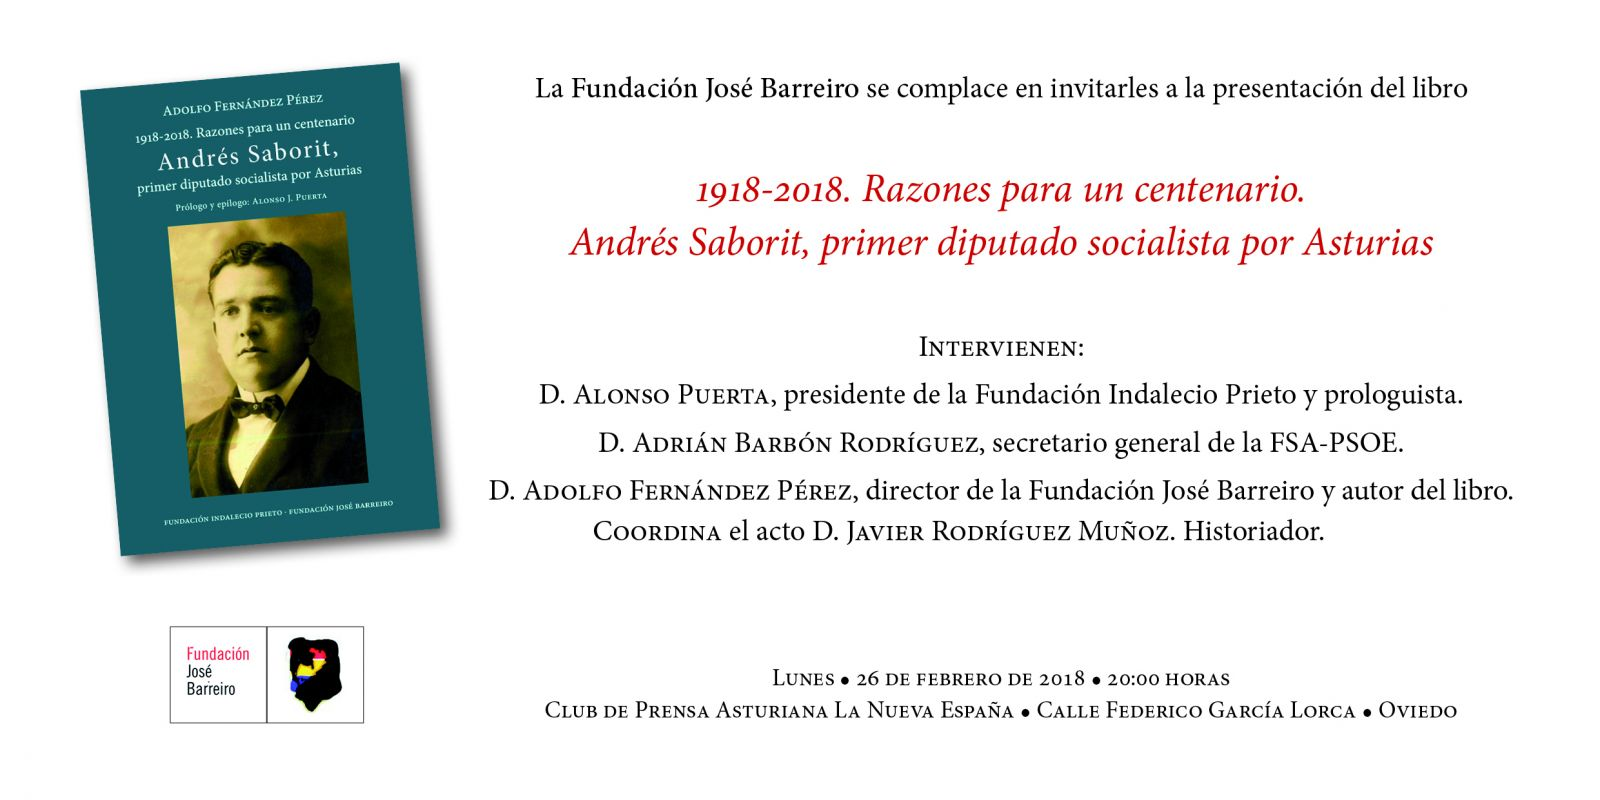 1918-2018. Razones para un centenario. Andrés Saborit. Primer diputado socialista por Asturias